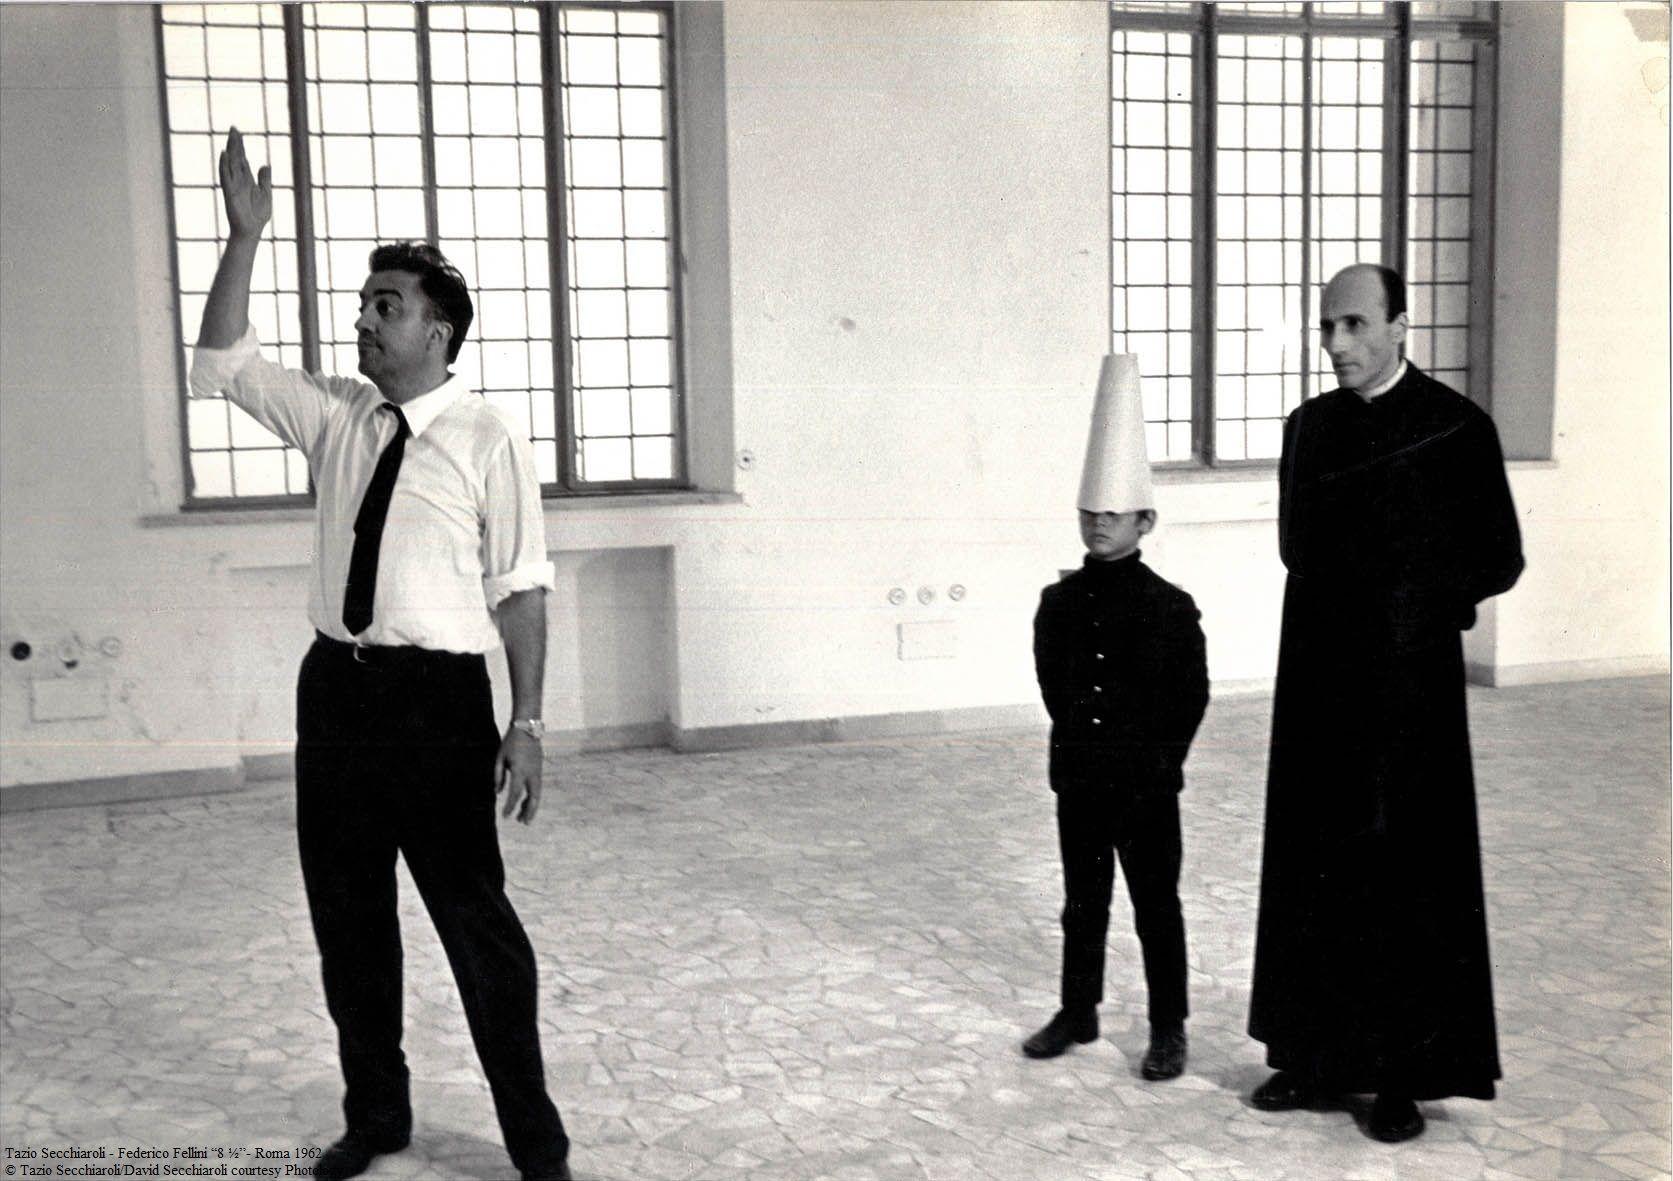 Fellini on set of 8 1/2, 1962. Photo by Tazio Secchiaroli | Federico ...